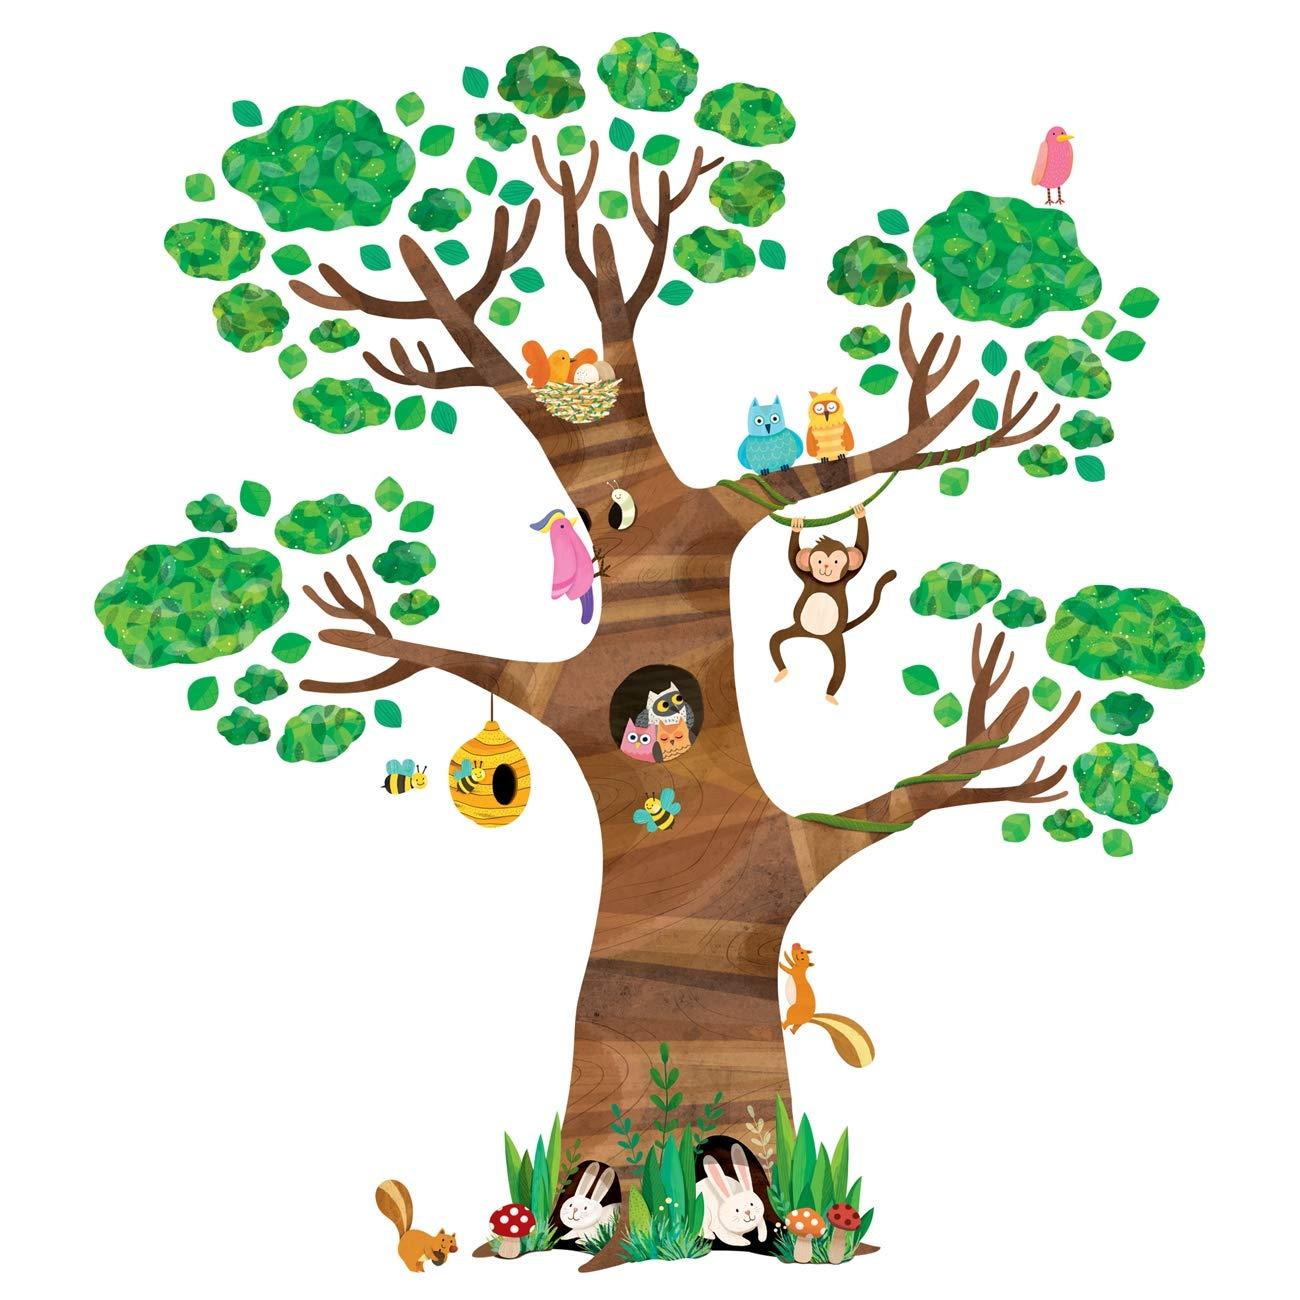 Decowall DL-1709 Gigant Gro/ßer Baum Waldtiere Tiere Wandtattoo Wandsticker Wandaufkleber Wanddeko f/ür Wohnzimmer Schlafzimmer Kinderzimmer